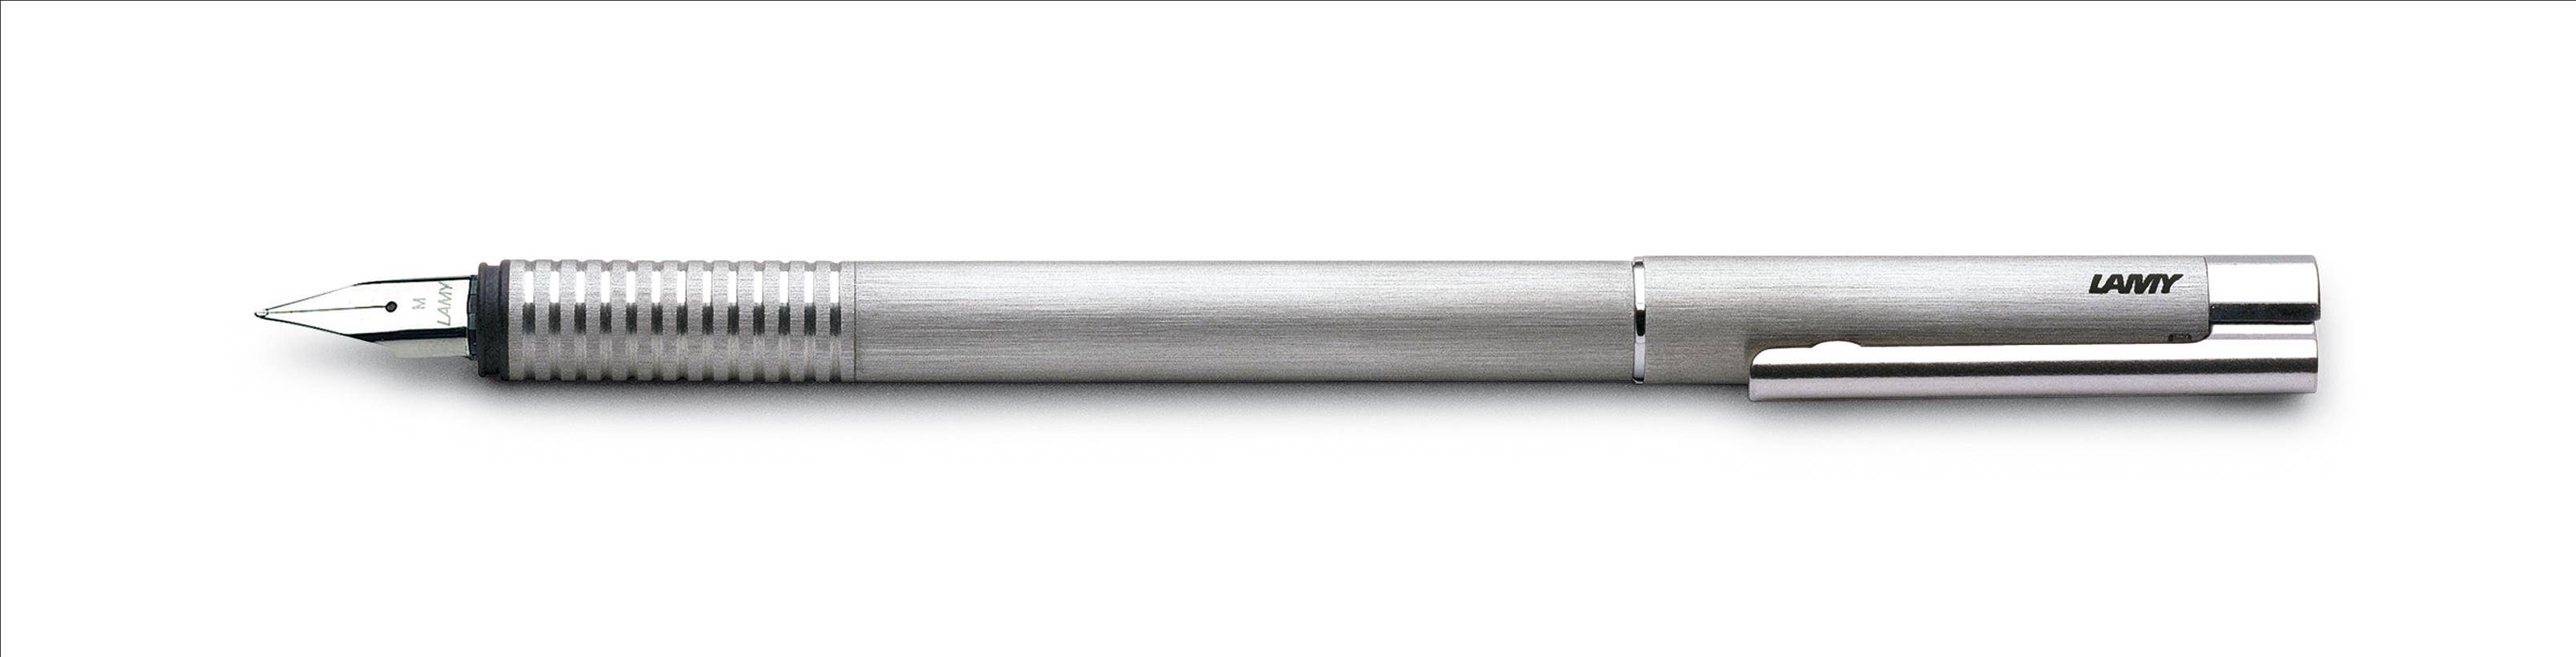 Bút máy Lamy Logo - Màu Brush (Thép xước) - L06